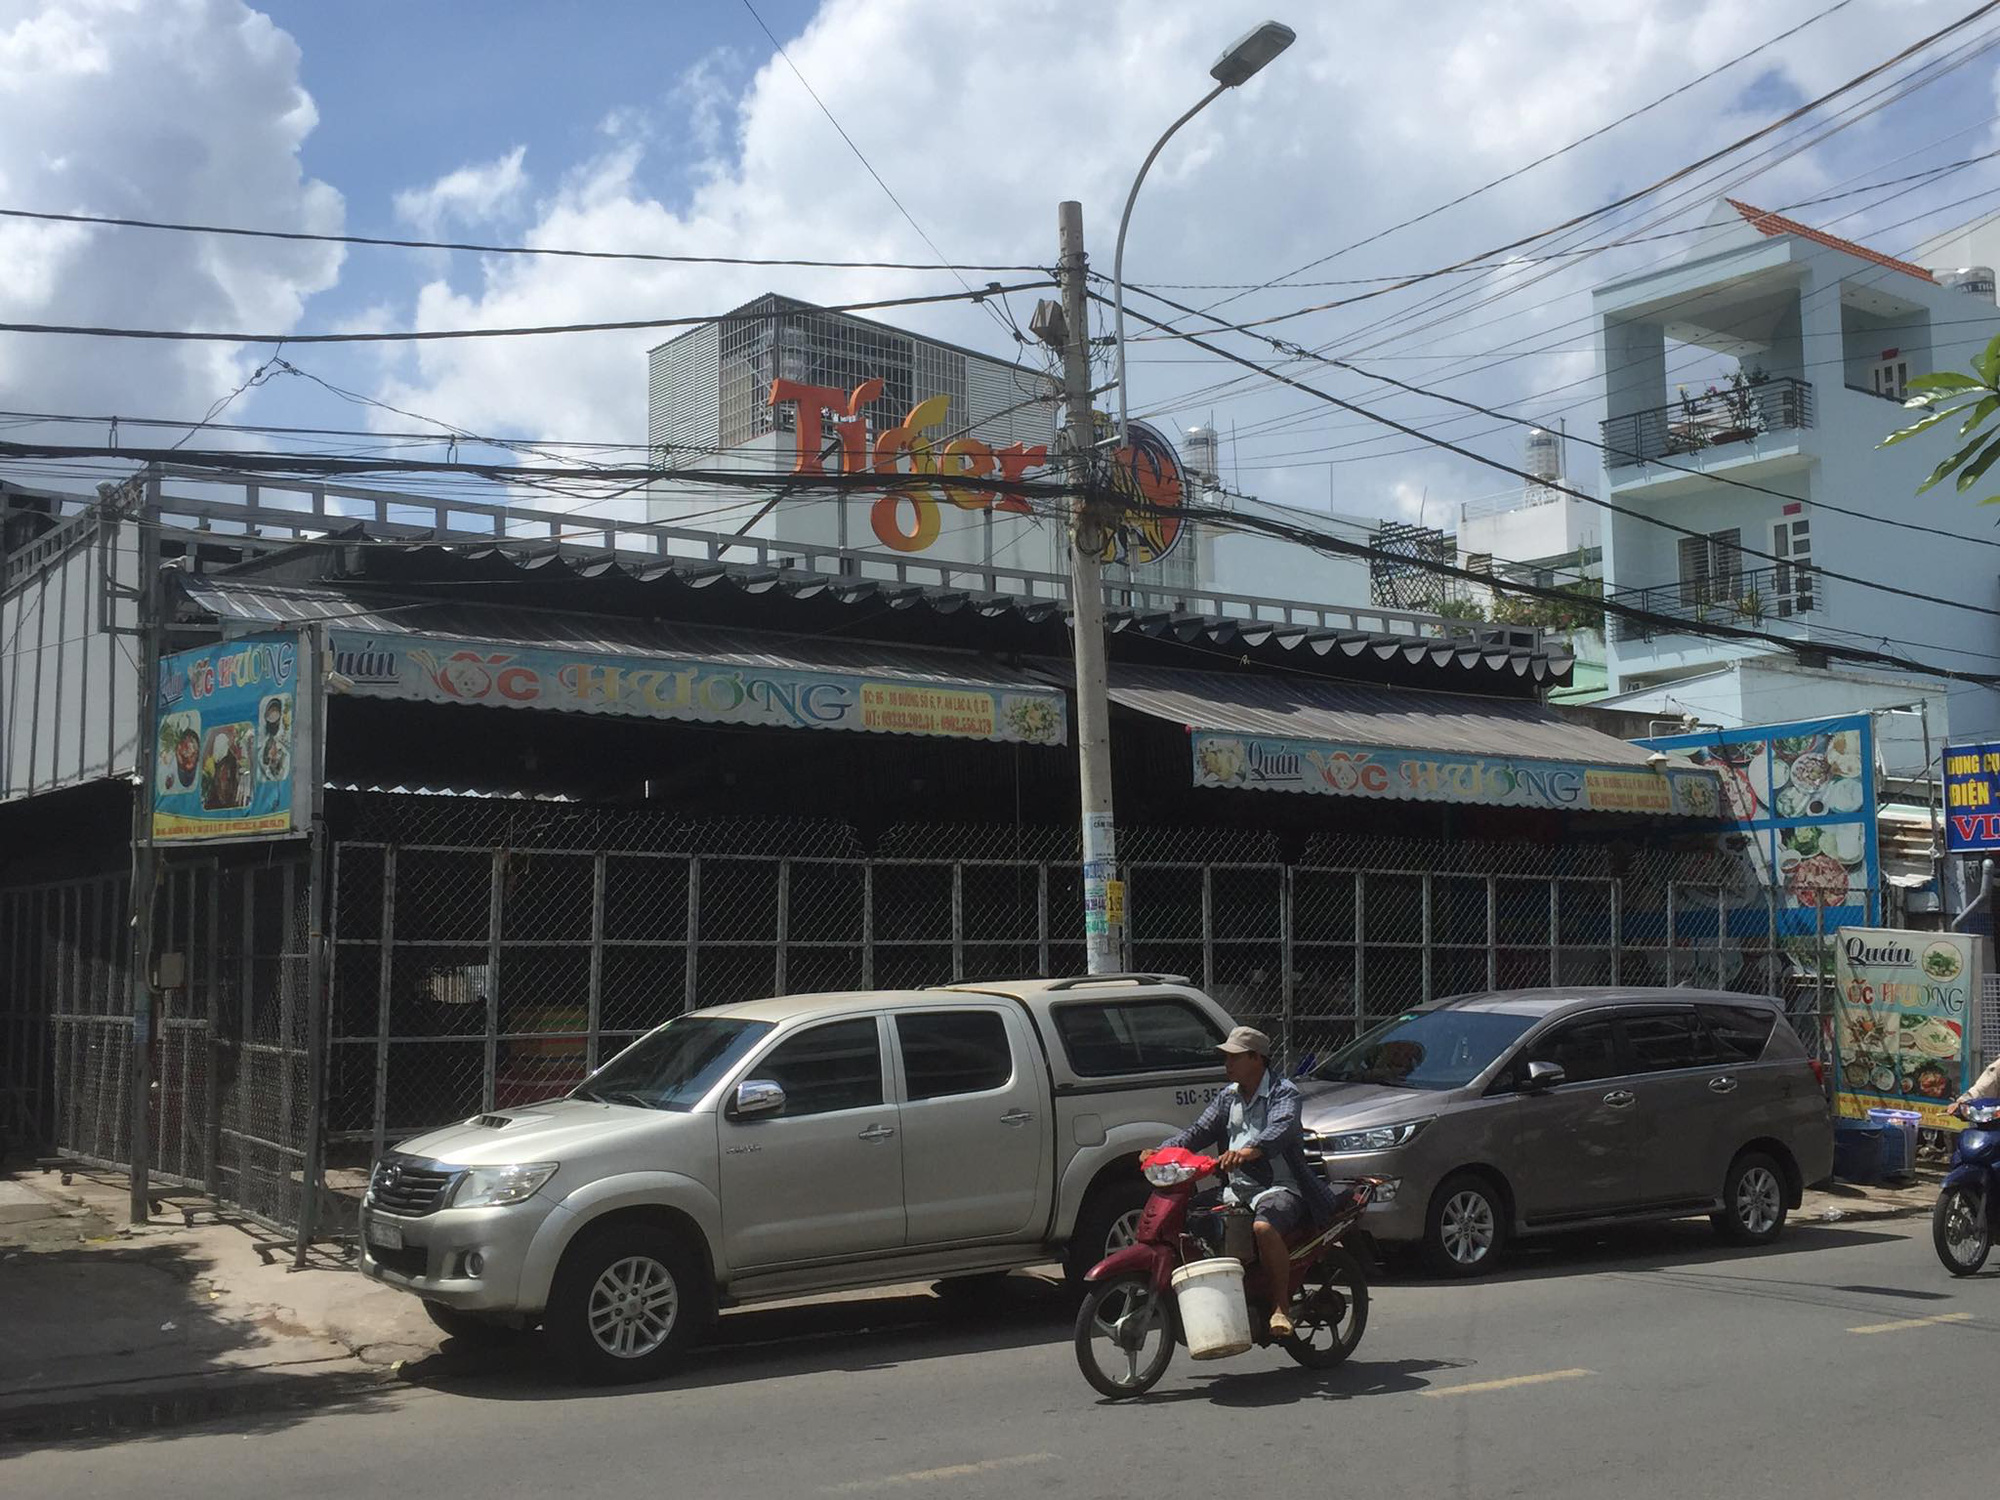 Vì sao gần 200 người mặc áo cam kéo đến đập phá quán ốc ở Bình Tân - TP HCM? - Ảnh 2.